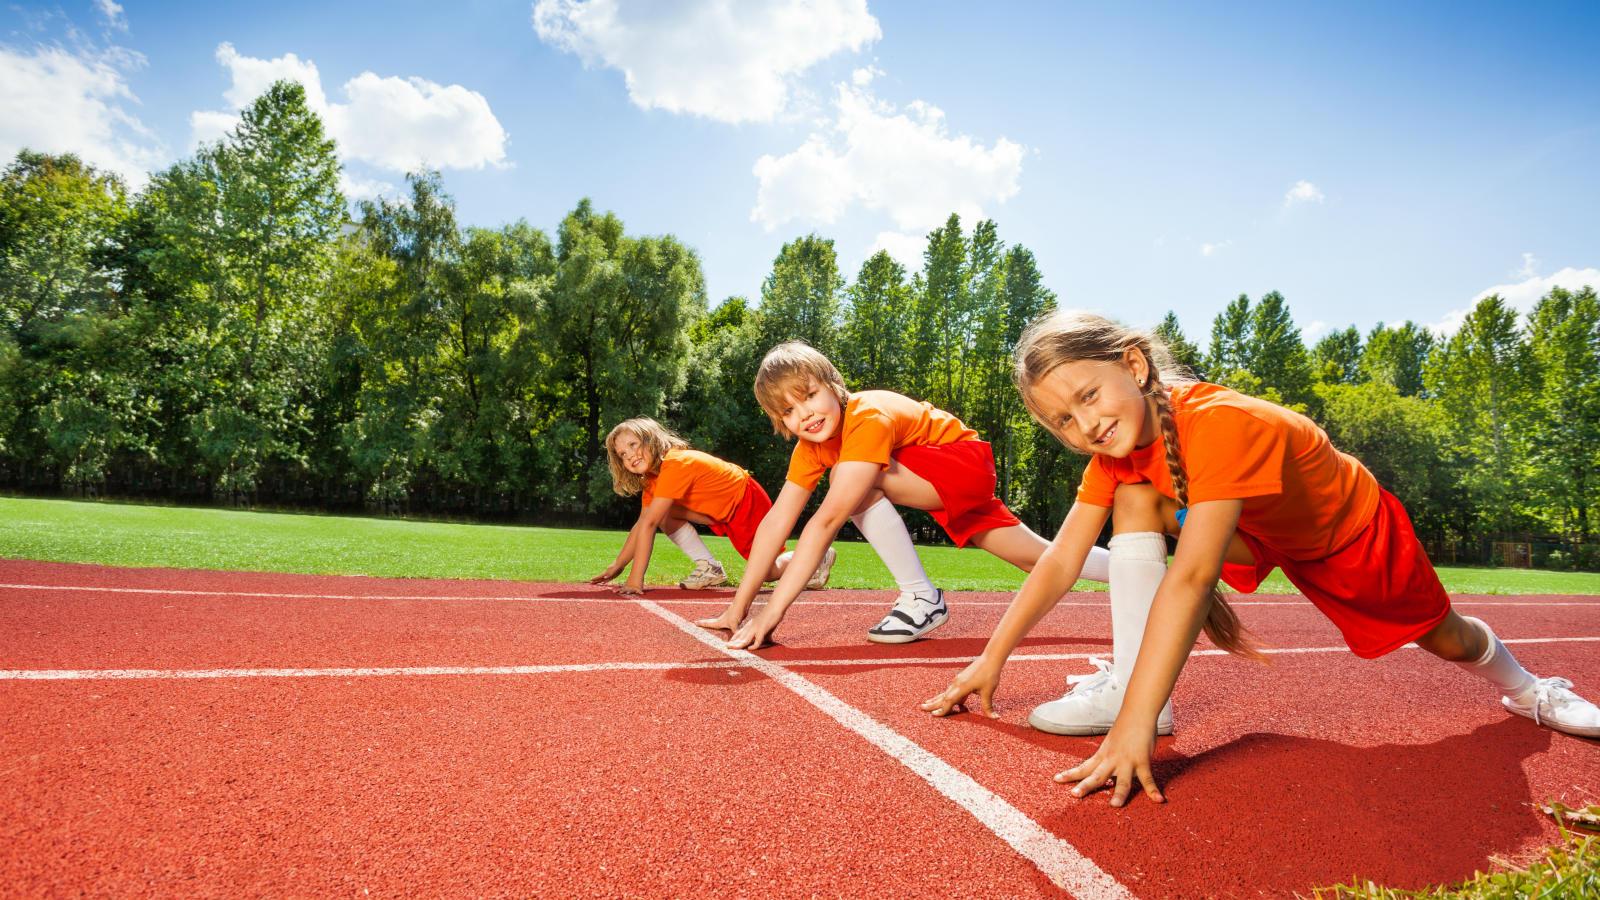 Atletica leggera per i bambini, perché è importante